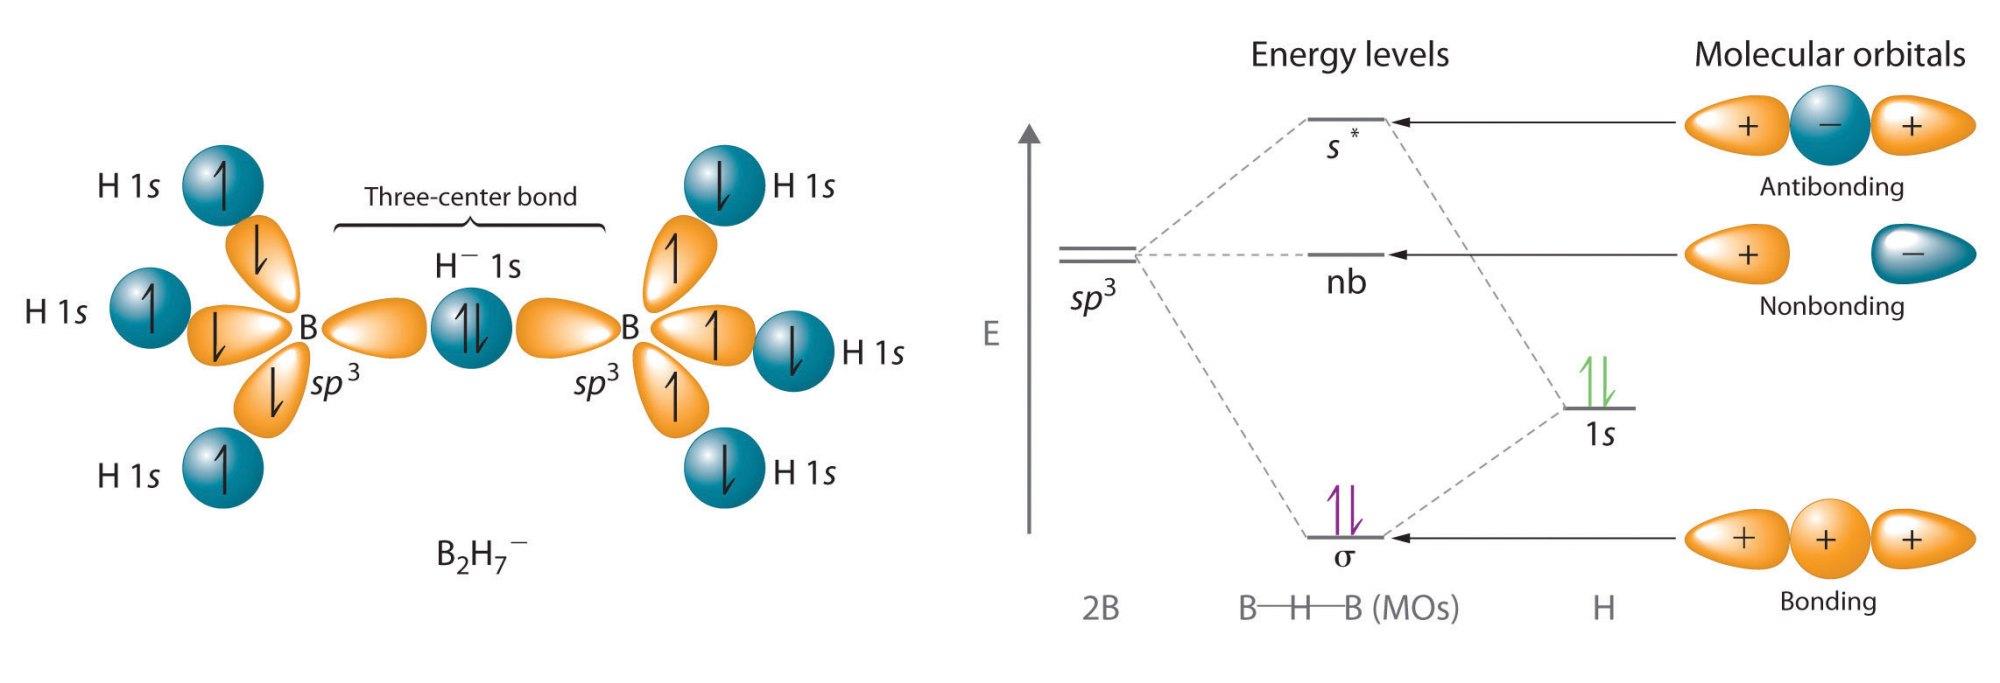 hight resolution of bohr diagram for calcium fluoride